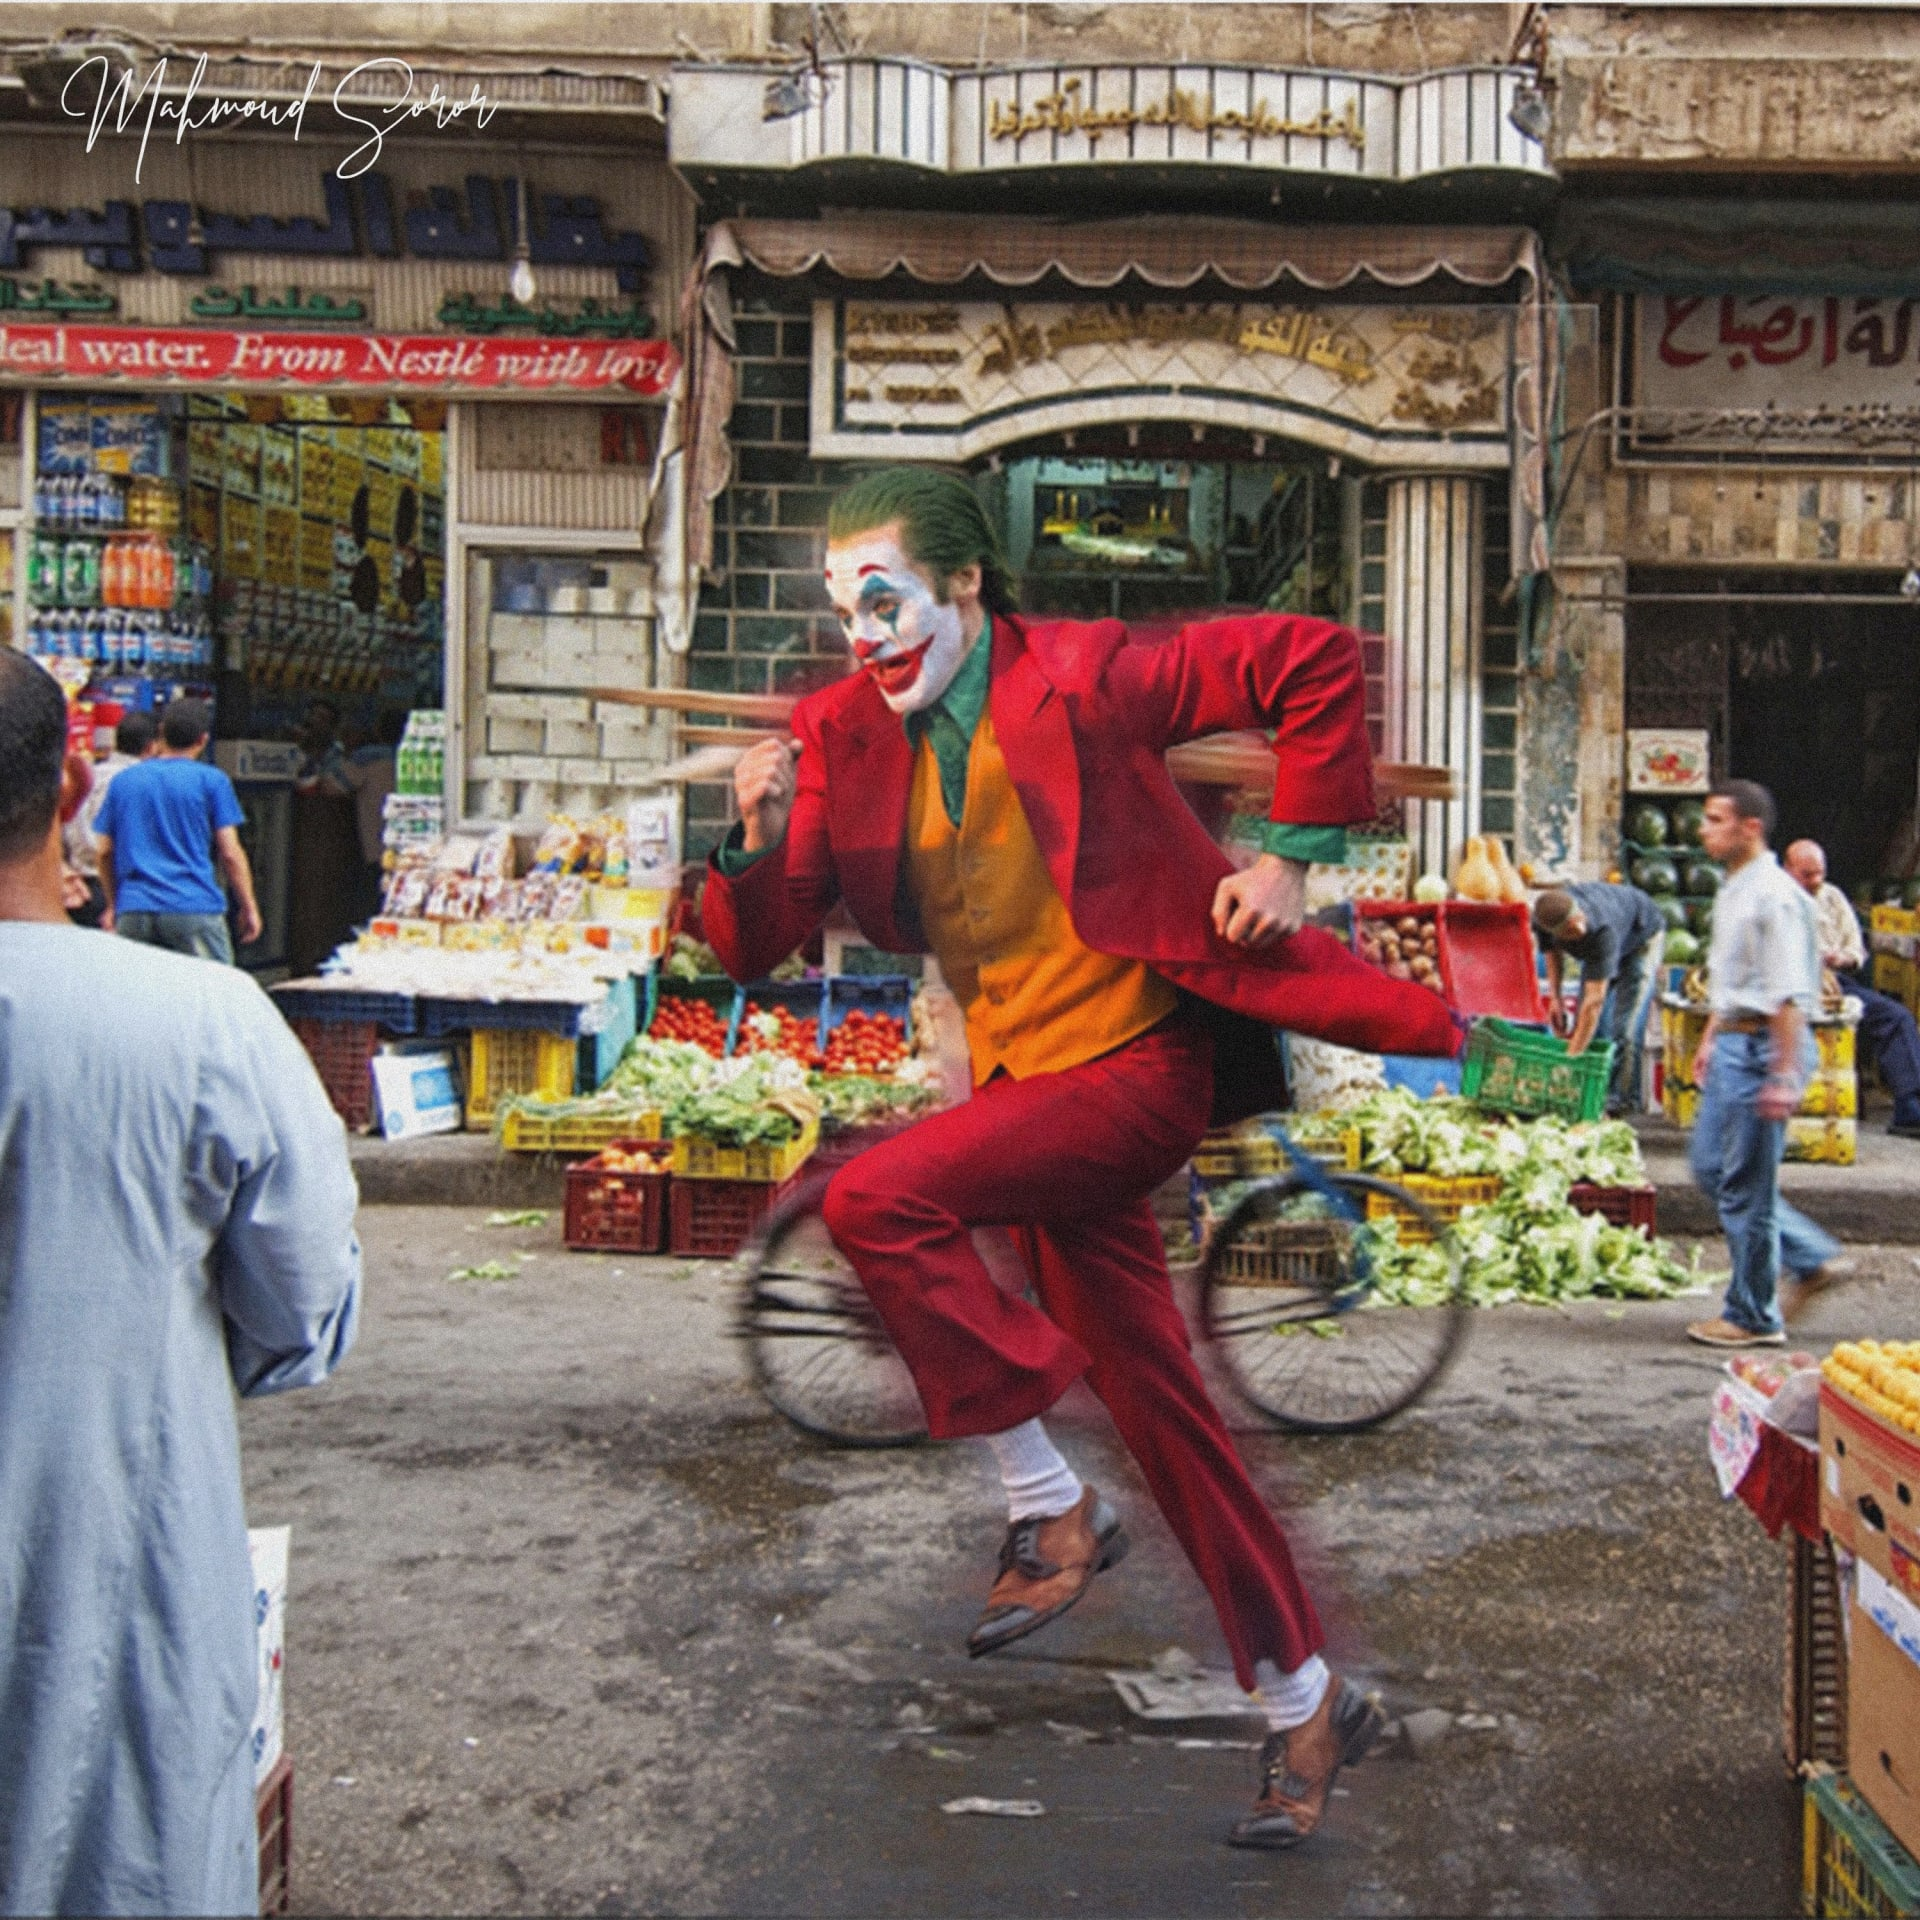 الجوكر في شوارع مصر.. كيف ستكون حياته مع المصريين؟